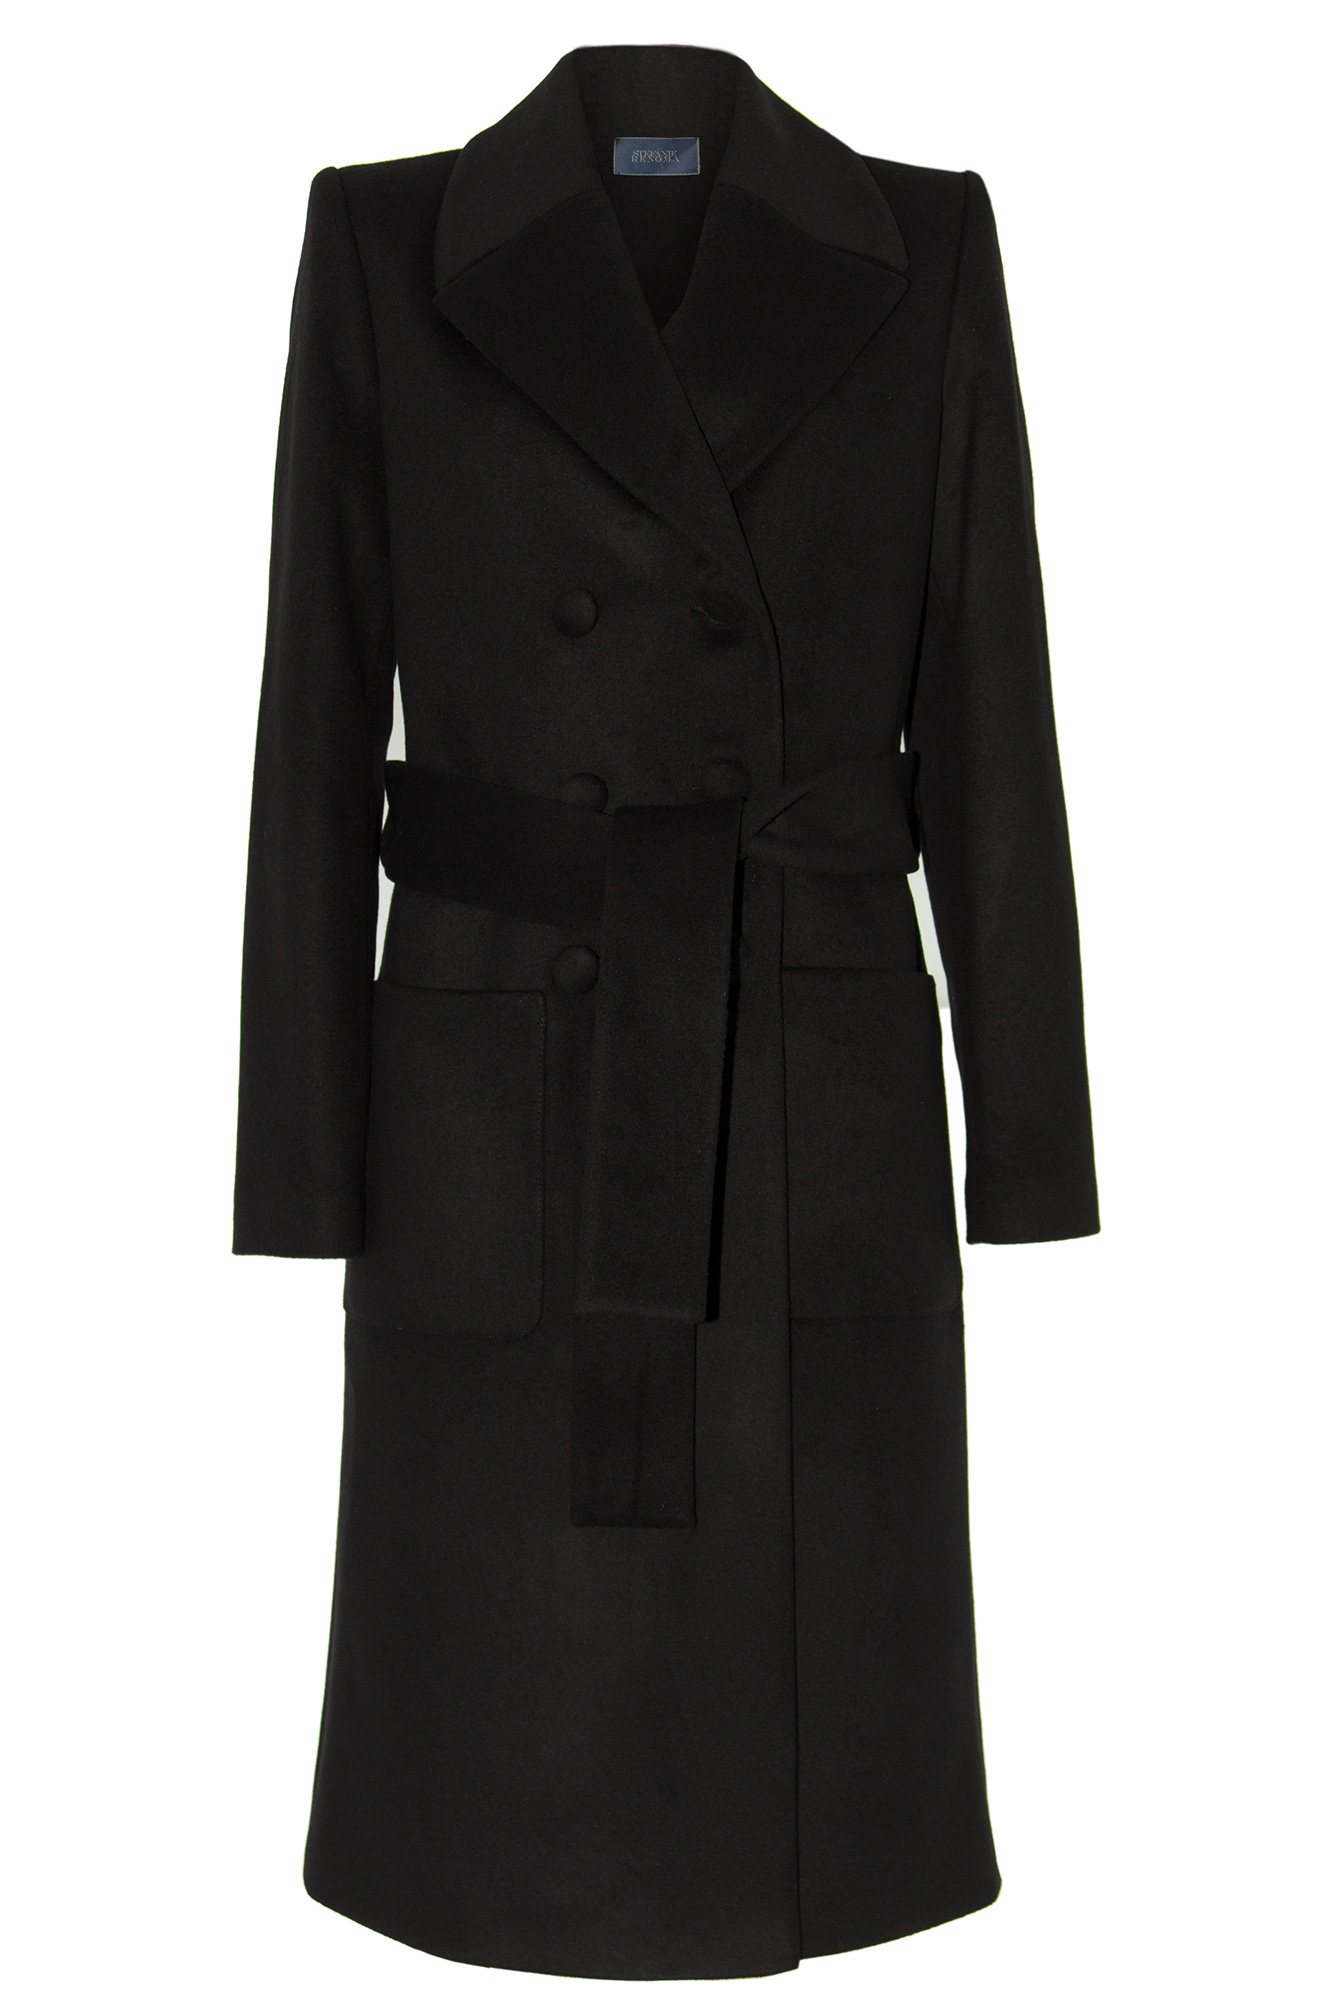 Manteau femme caban long